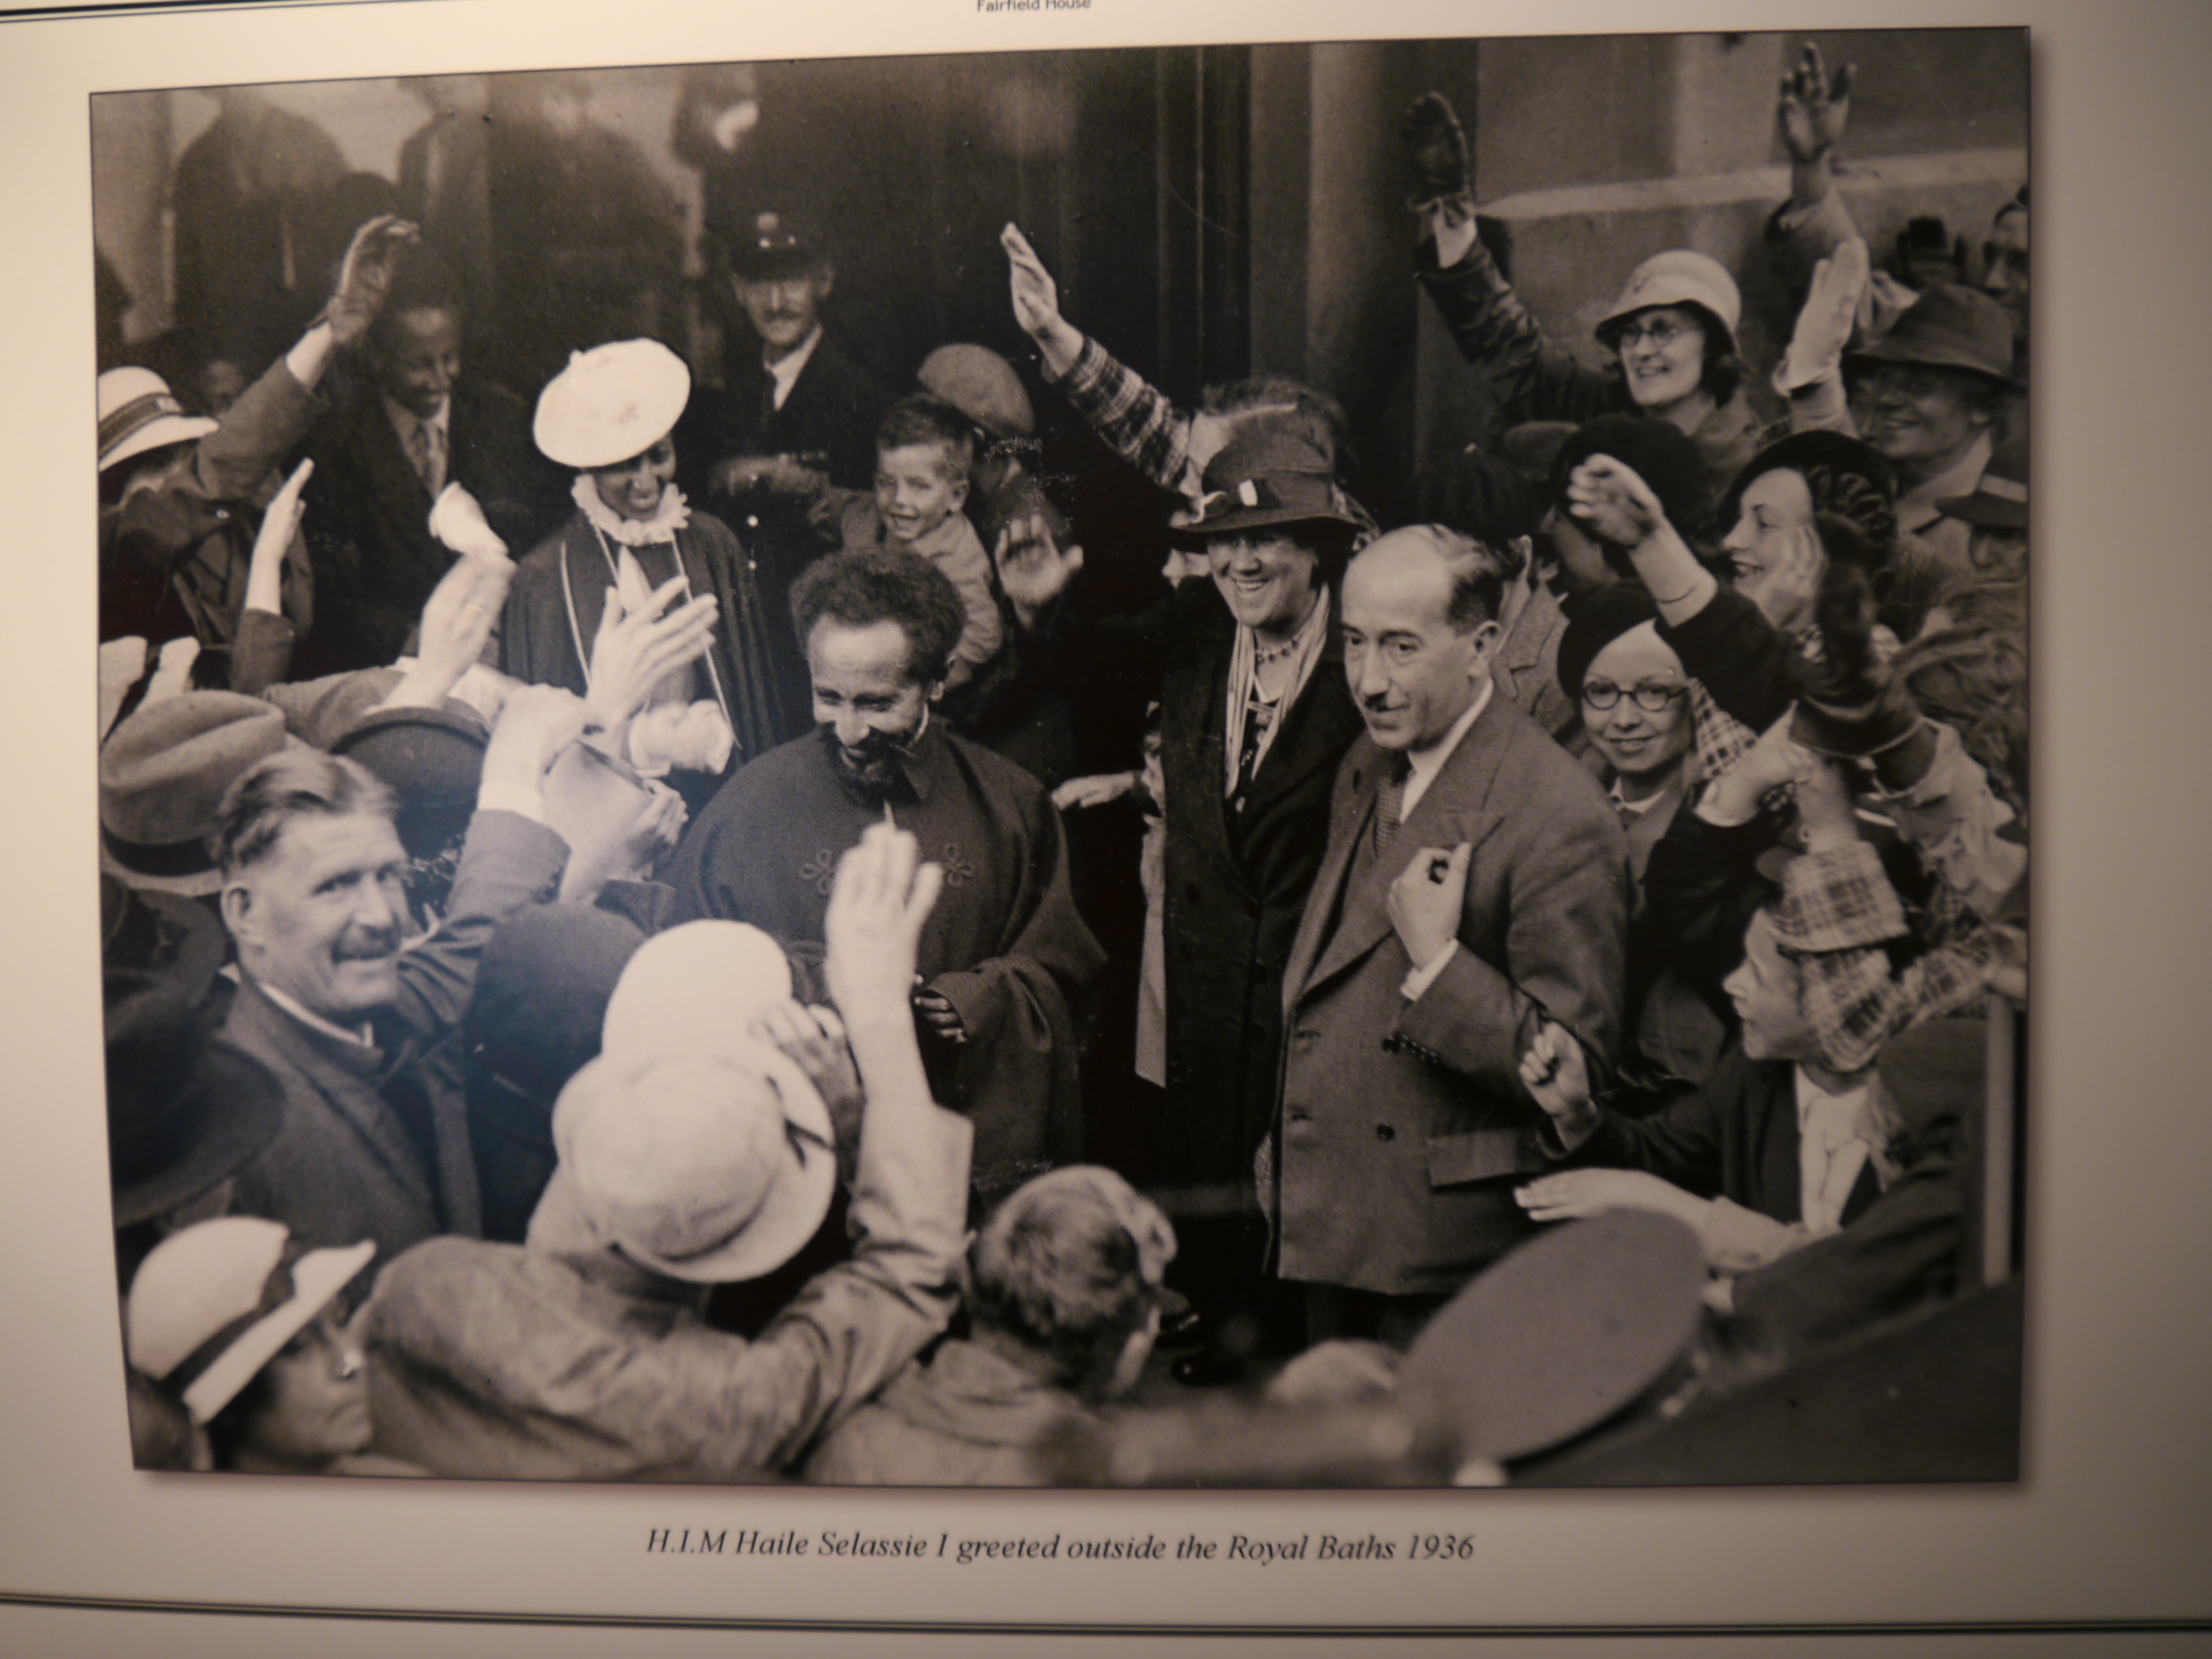 Emperor Haile Selassie Lion Of Judah Haile selassie is greeted